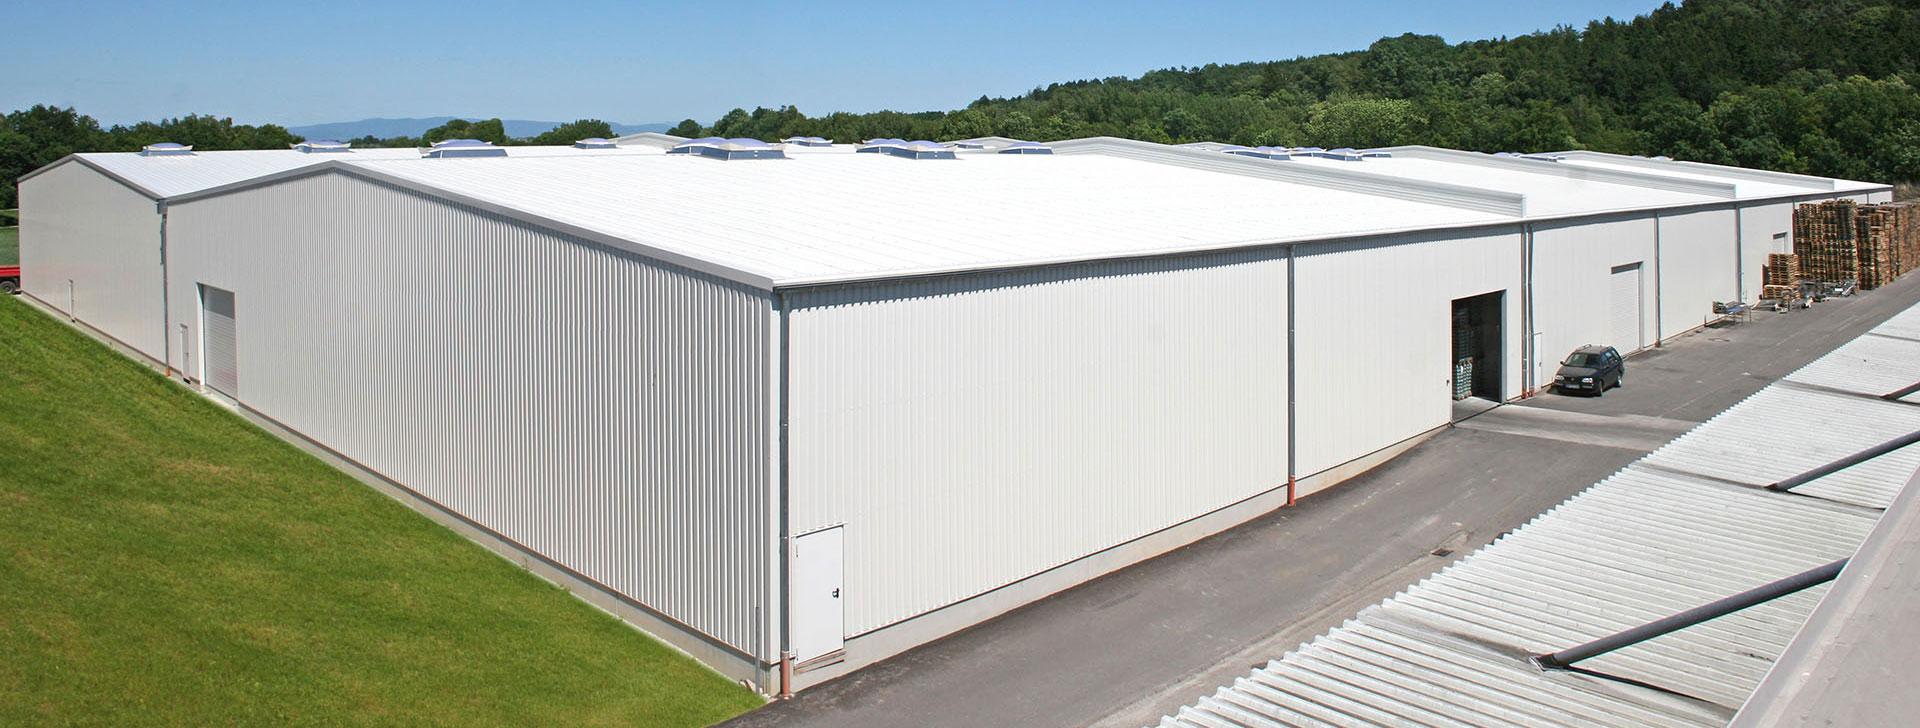 Lagerhalle für Agrarerzeugnisse